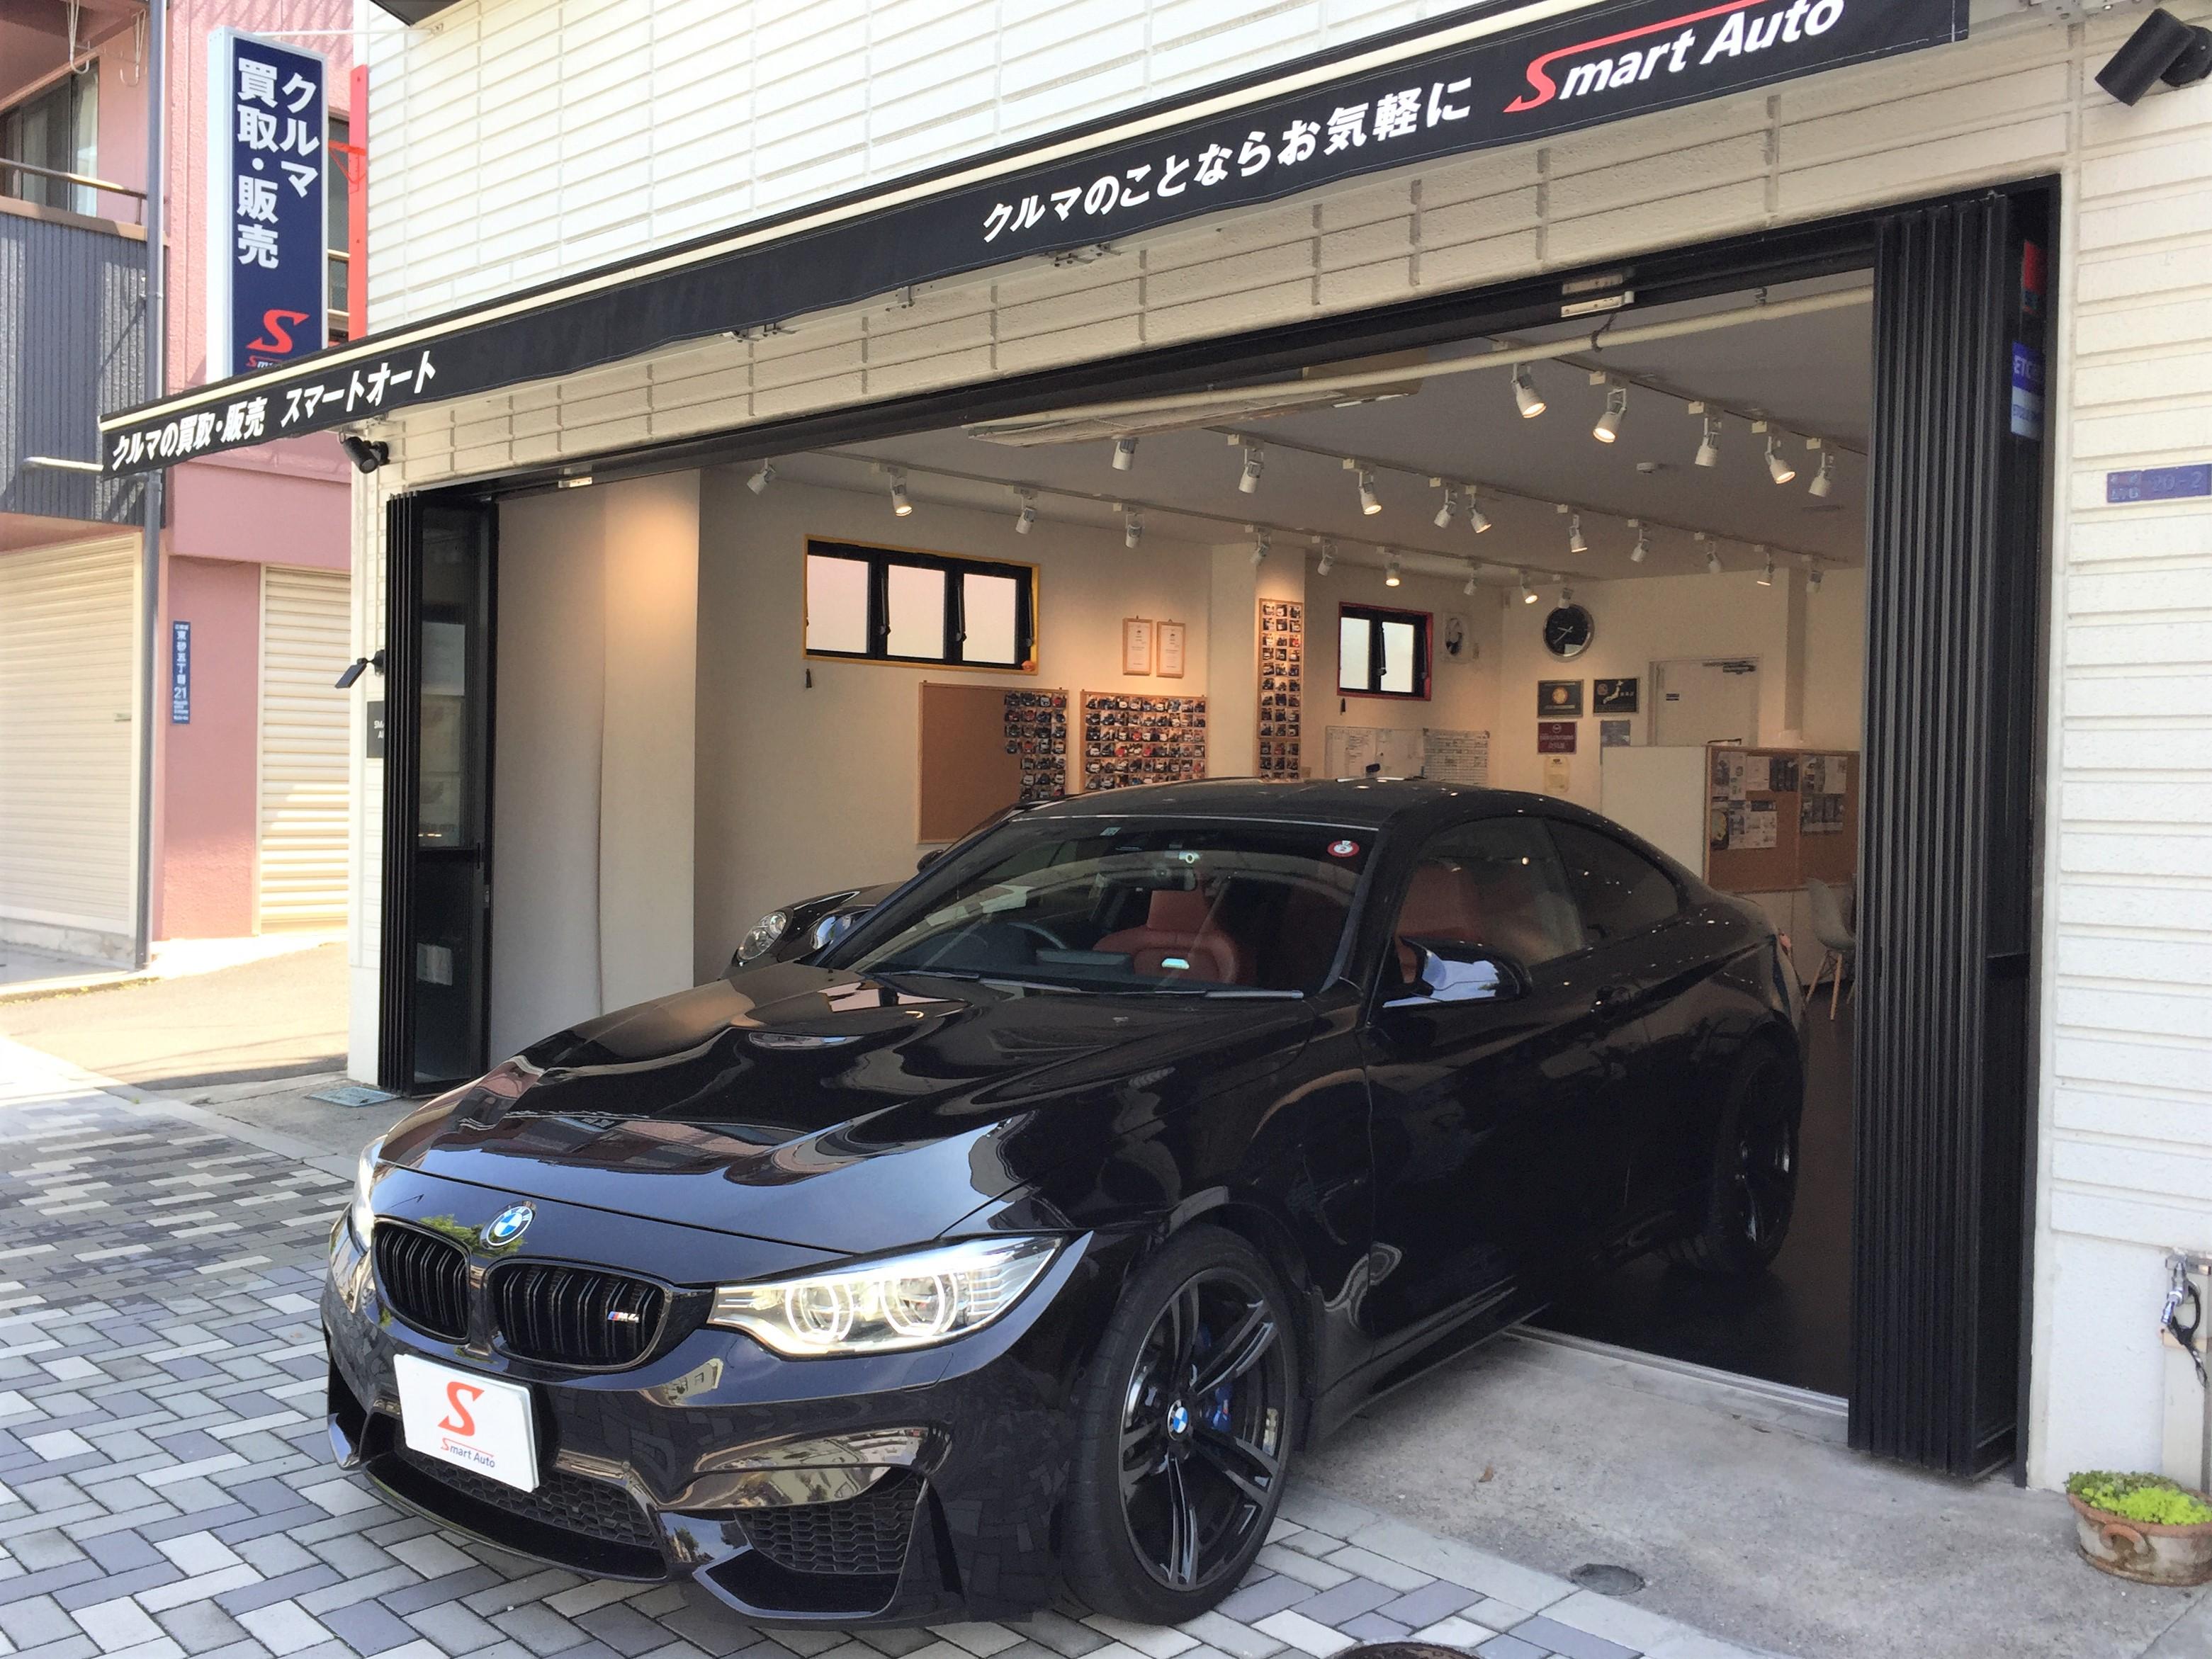 在庫車に< 日本に1台!? BMW M4 クーペ >が、追加になりました。